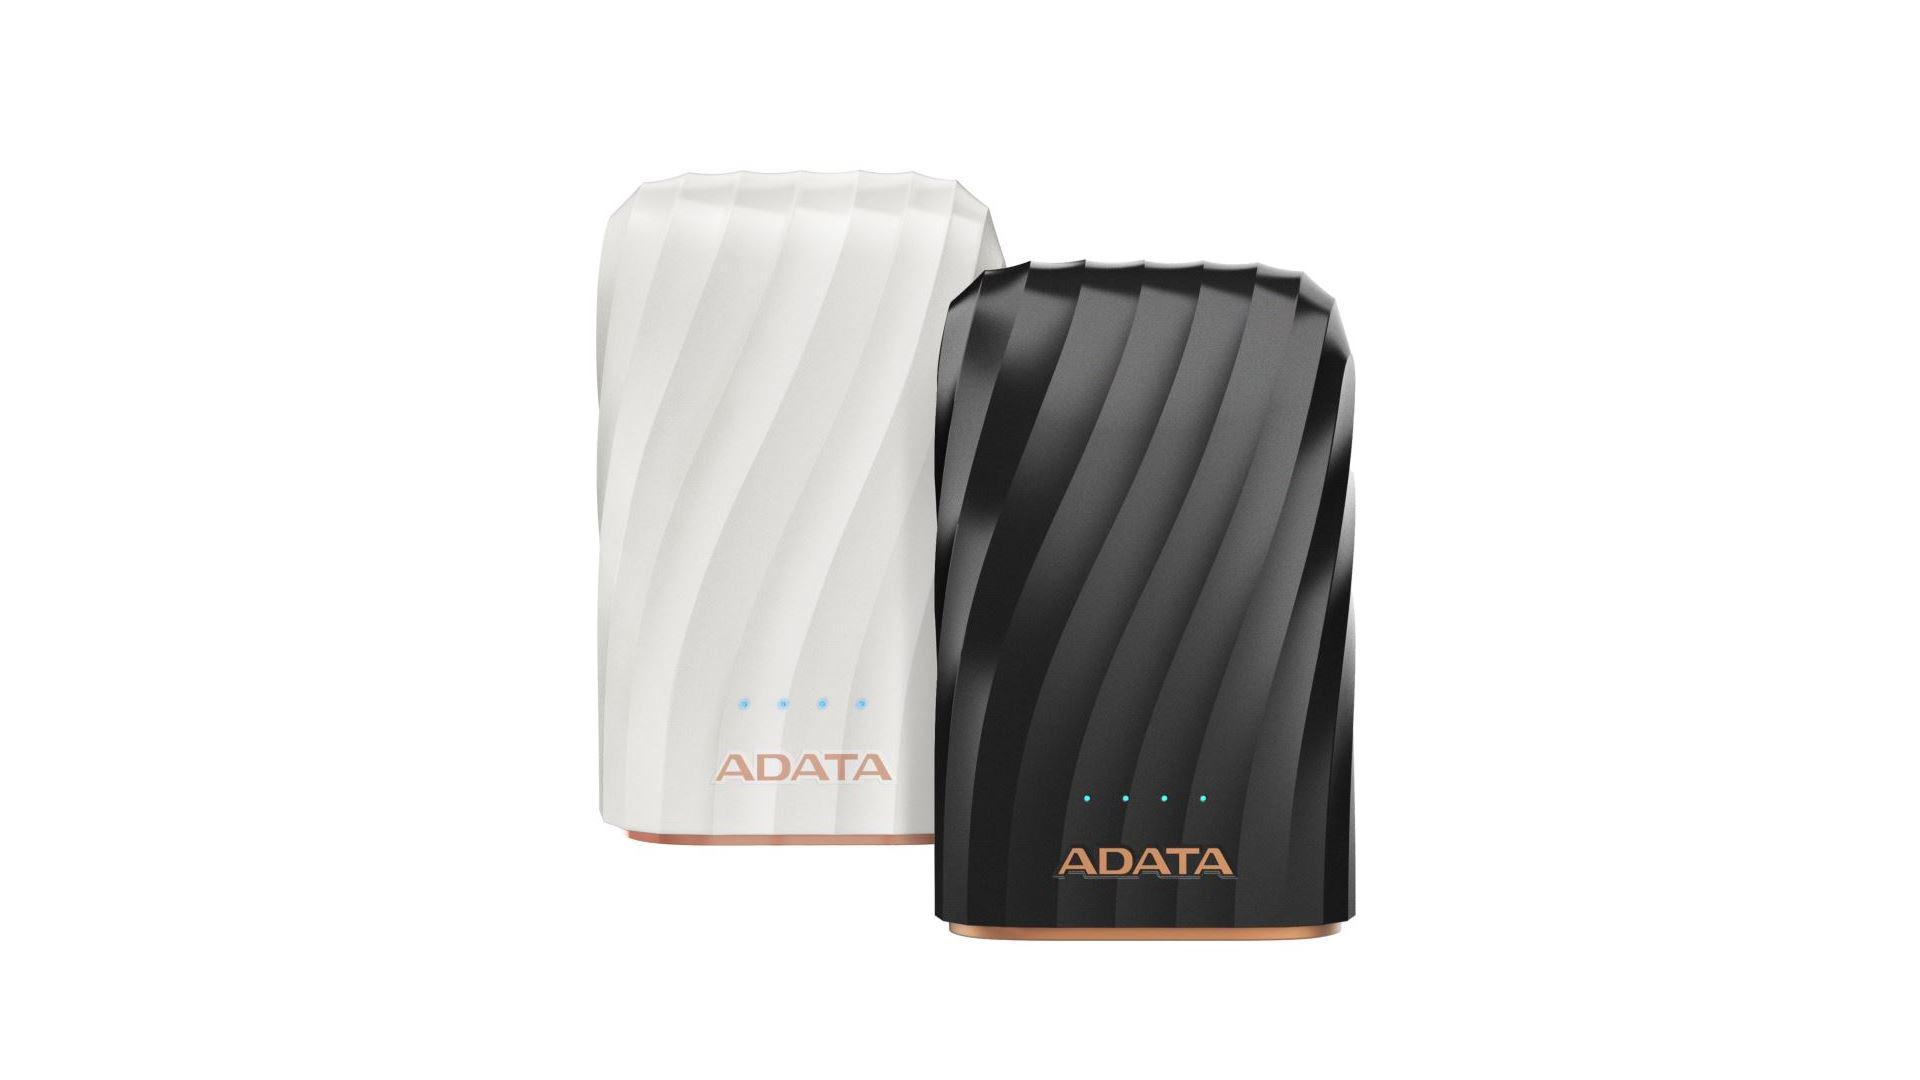 На иллюстрации изображены рендеры аккумулятора ADATA P10050C белого и чёрного цветов с видом сверху